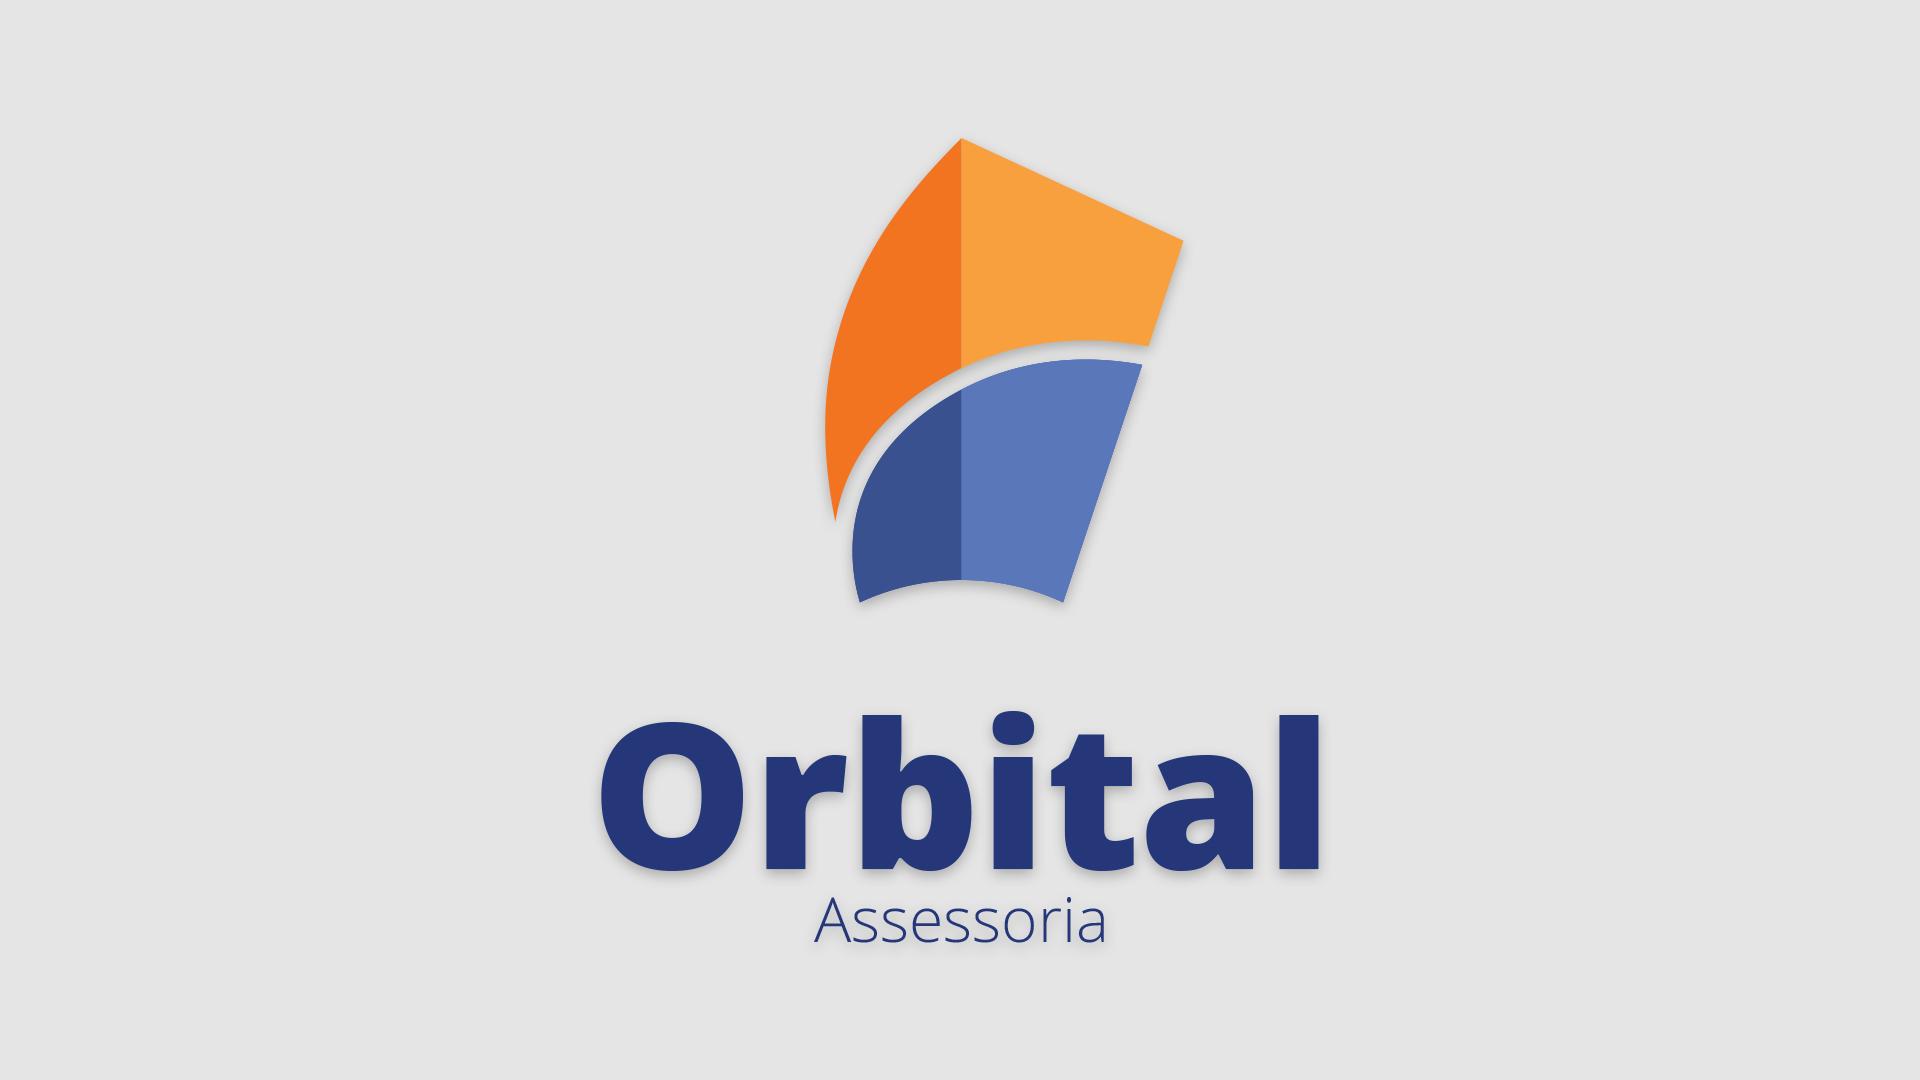 Orbital Assessoria